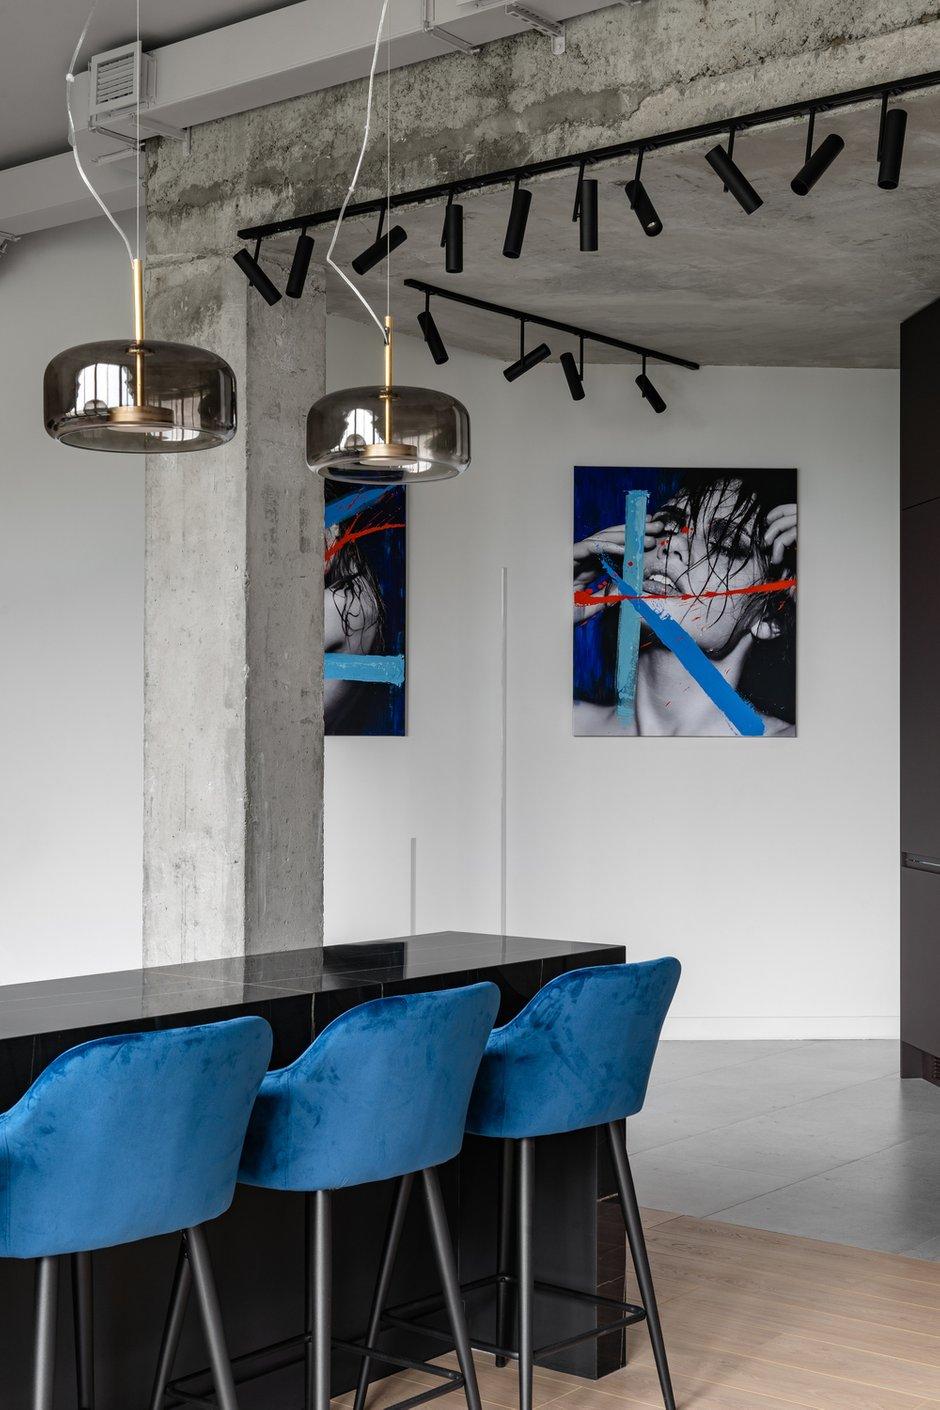 Фотография:  в стиле , Лофт, Современный, Квартира, Проект недели, Санкт-Петербург, 2 комнаты, Более 90 метров, Юлия Журович, Лейла Махир – фото на INMYROOM